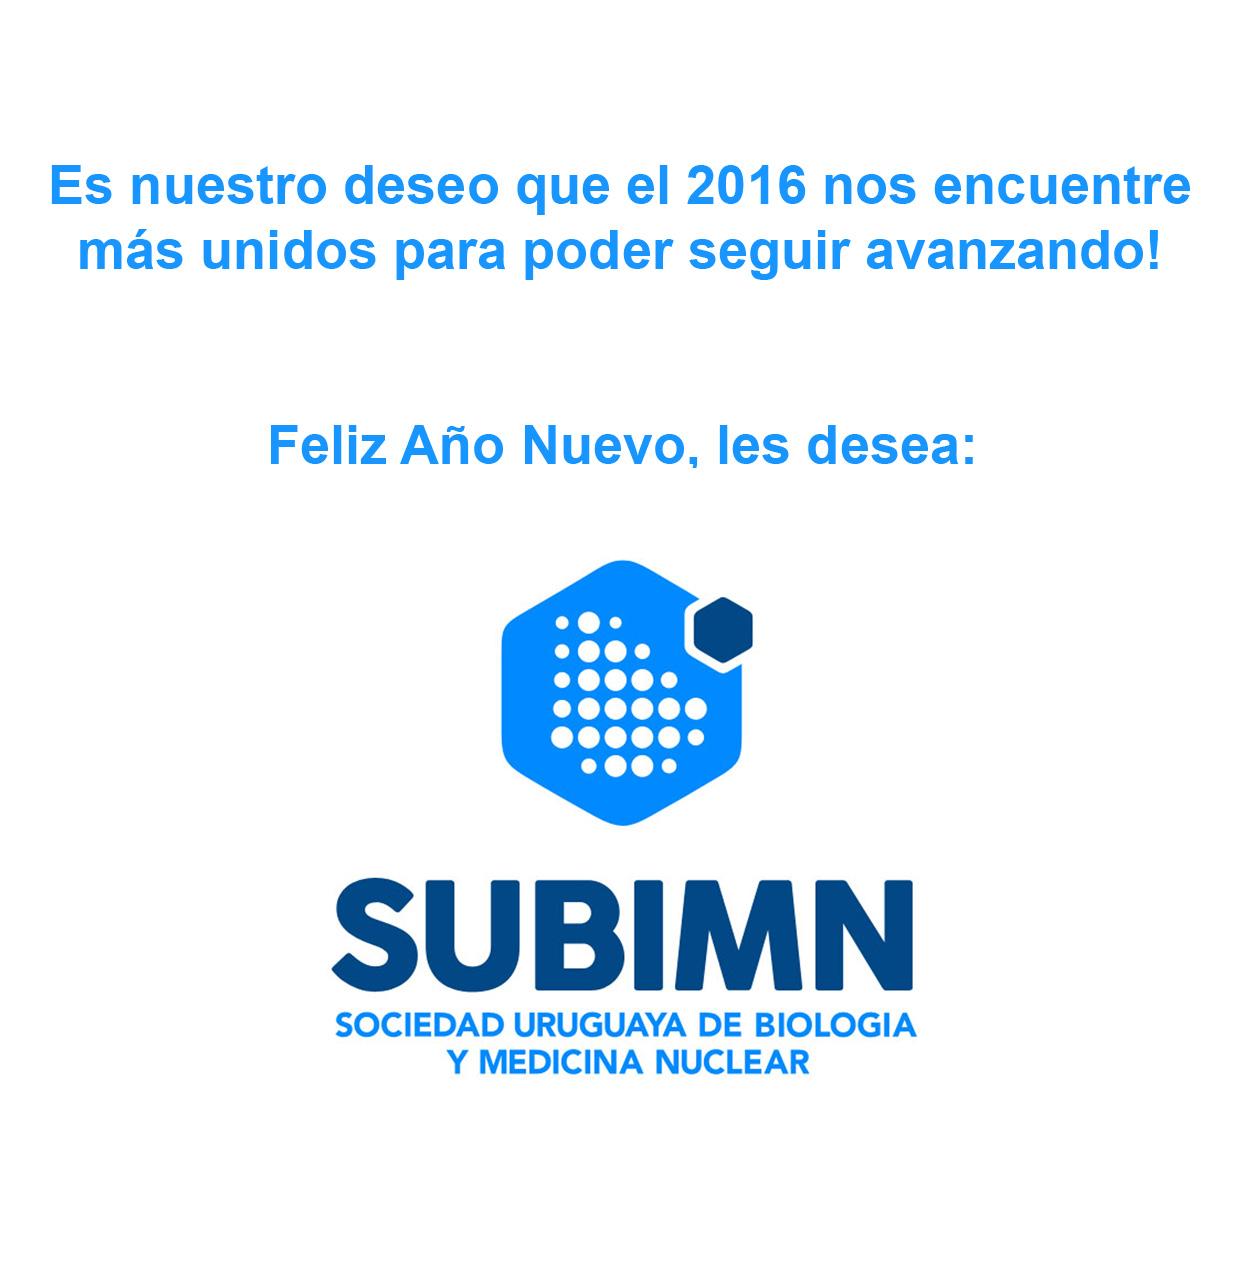 Feliz 2016 SUBIMN